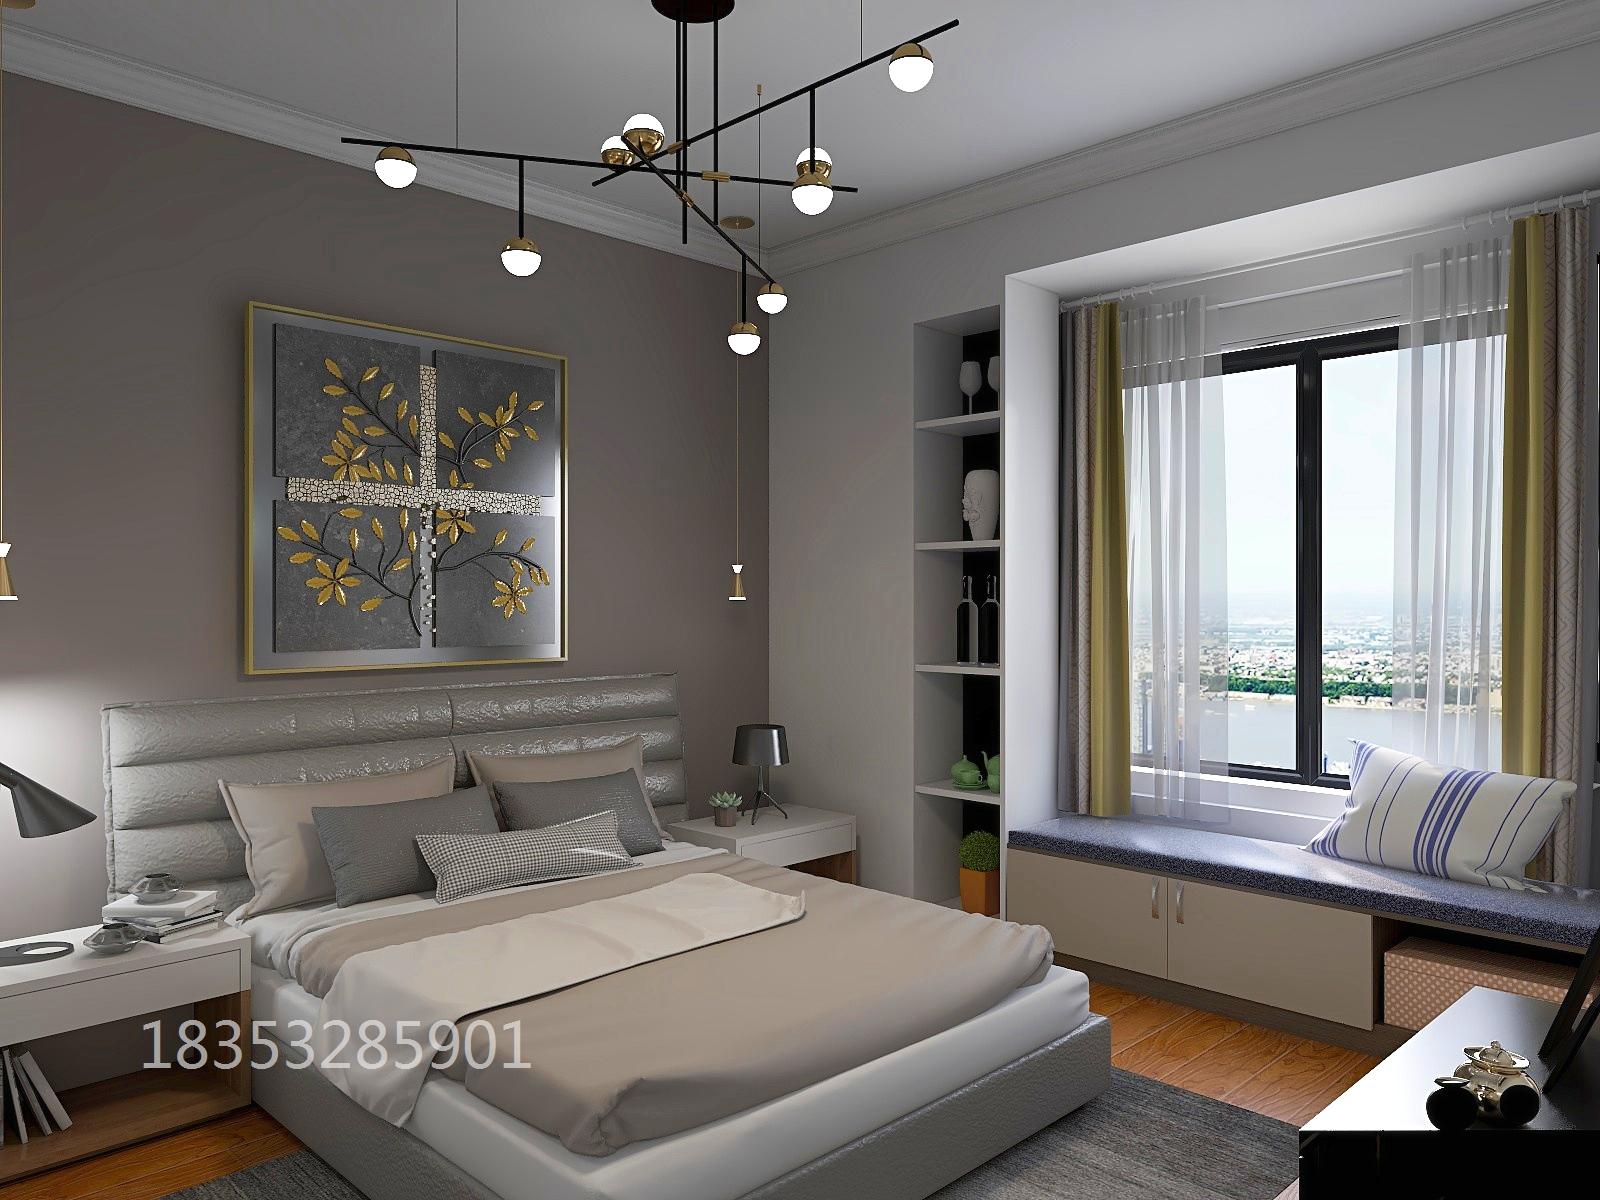 龙湖春江郦城134平复式房子装修,改造后更实用